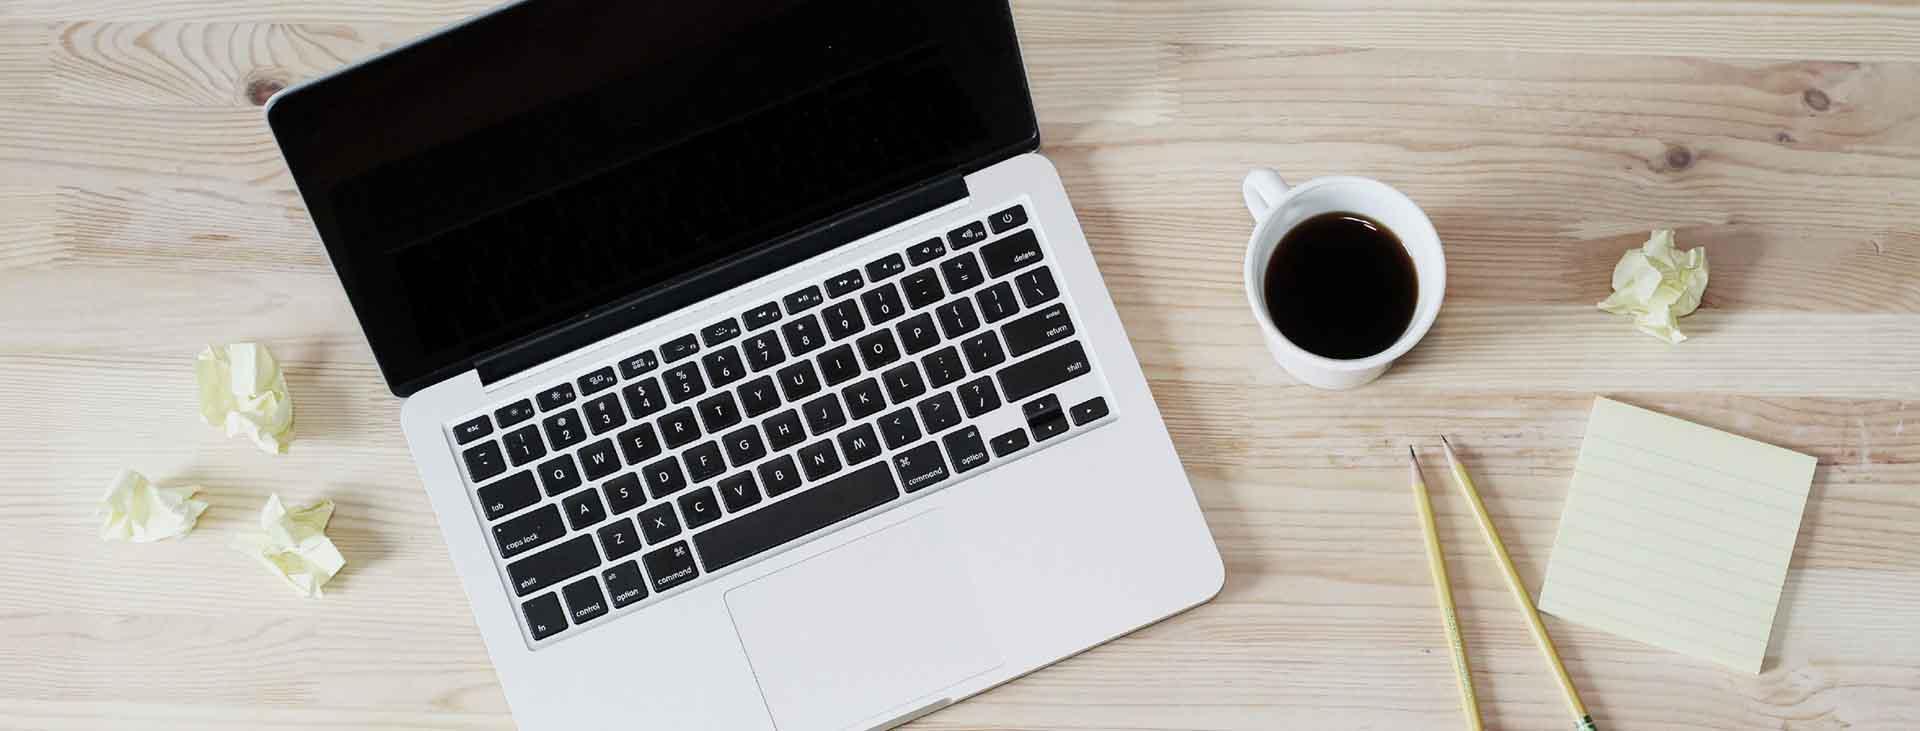 laptop met een kopje koffie op en tafel